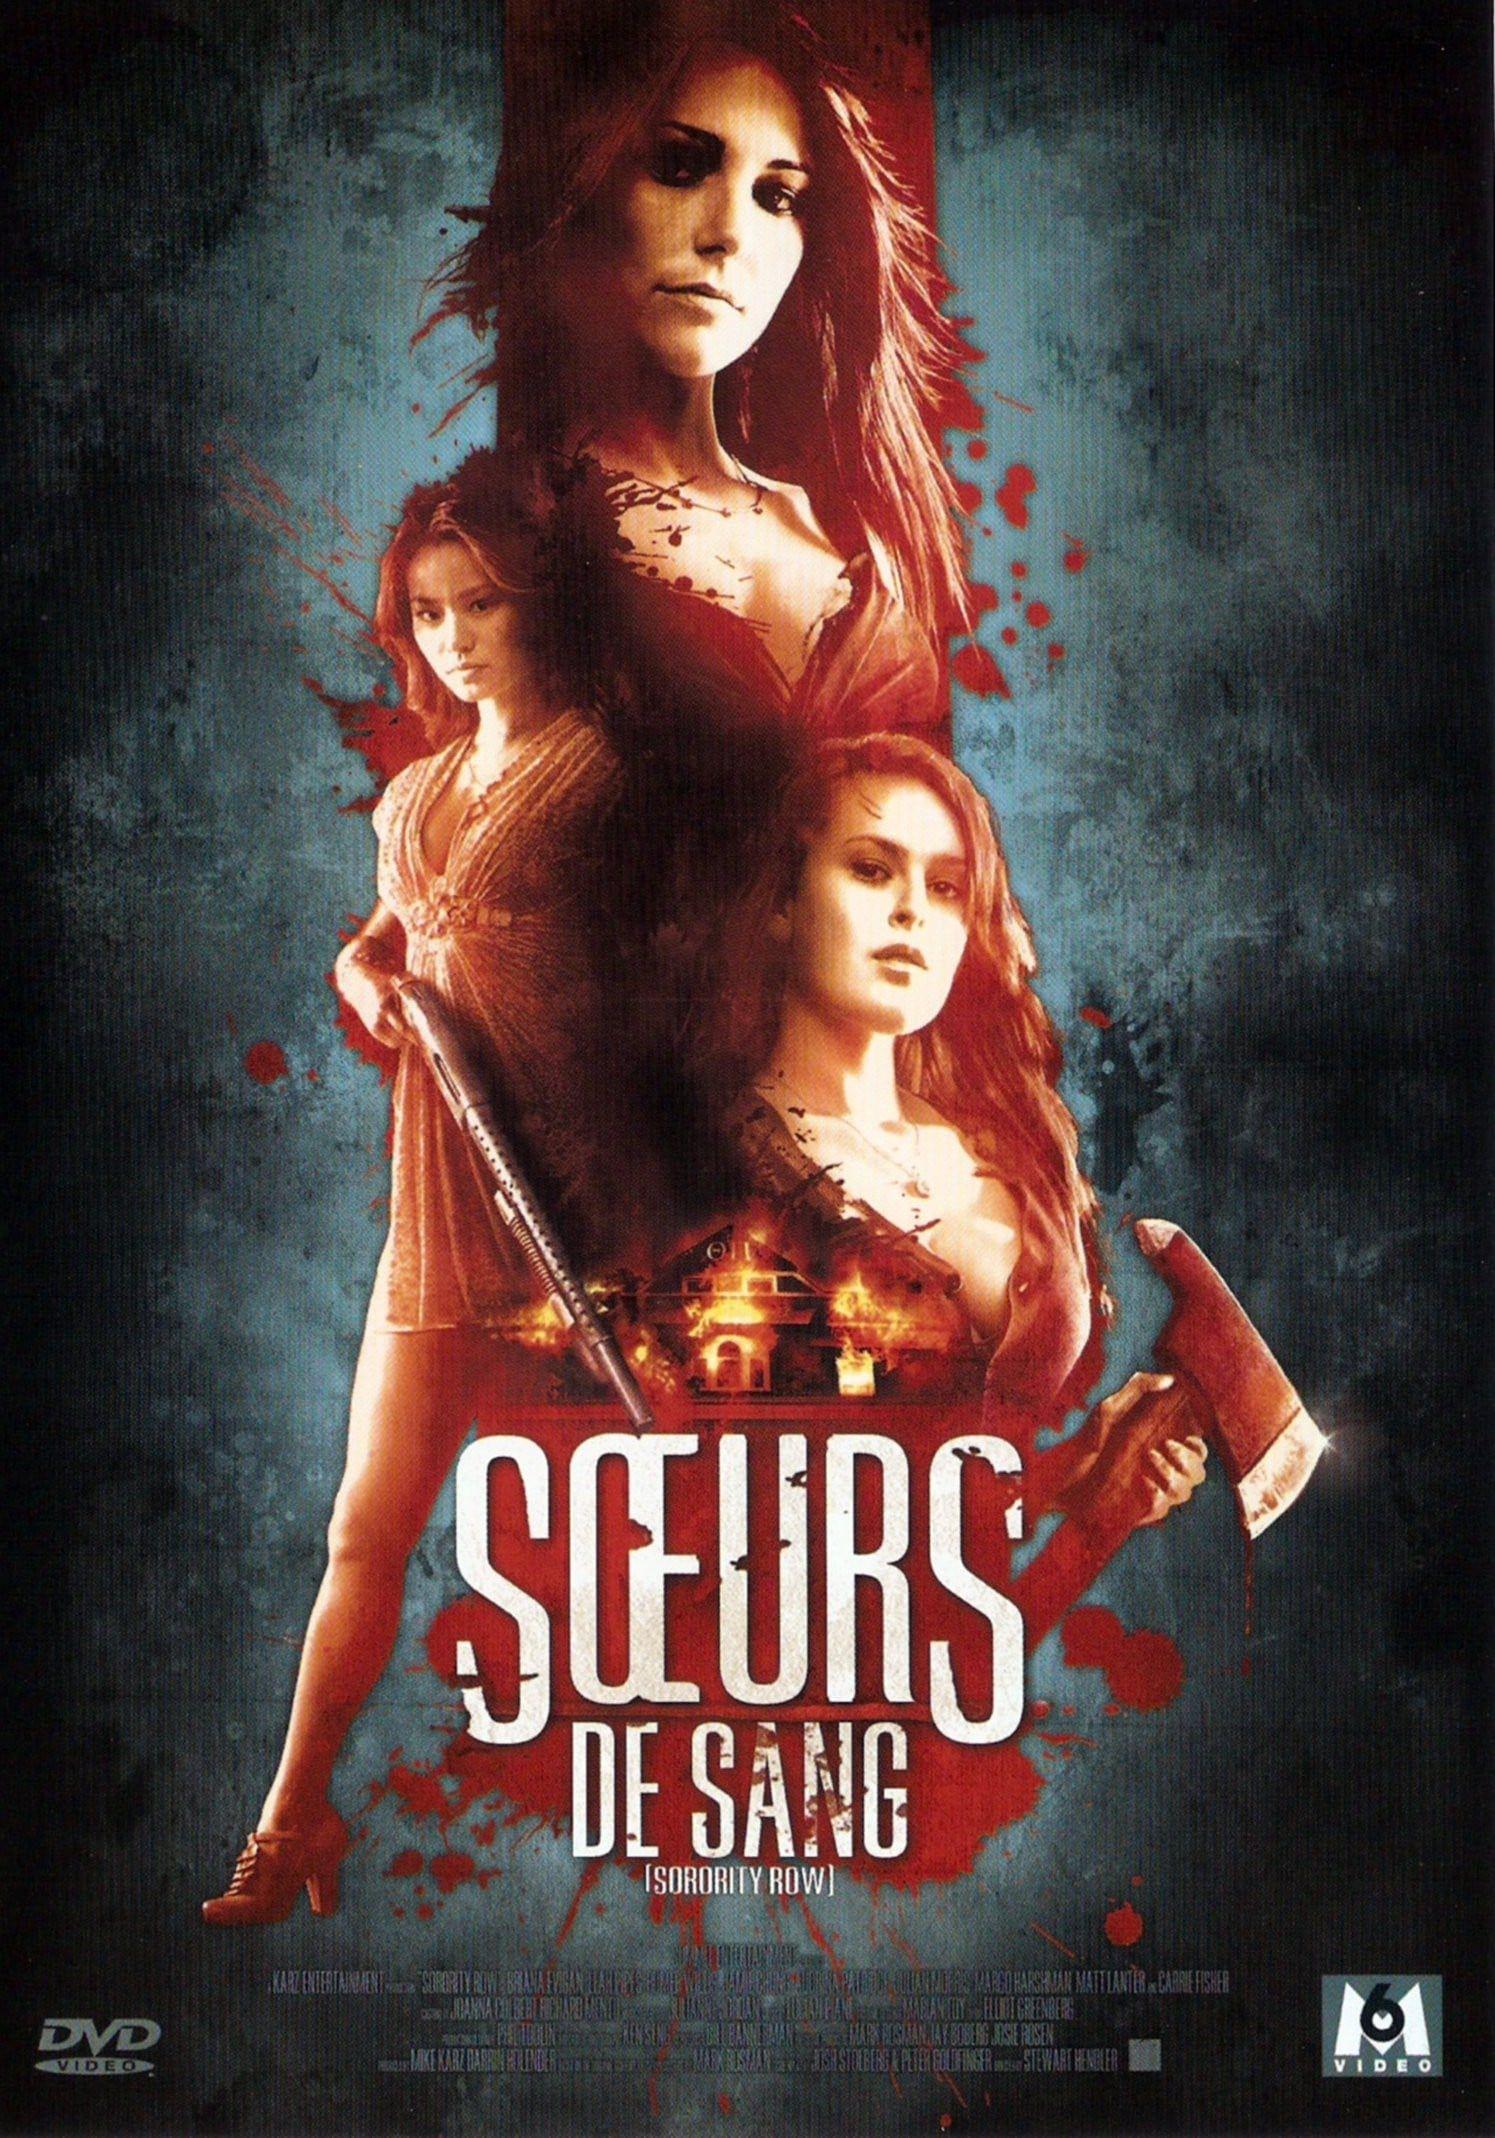 Soeurs de sang - Film (2009)